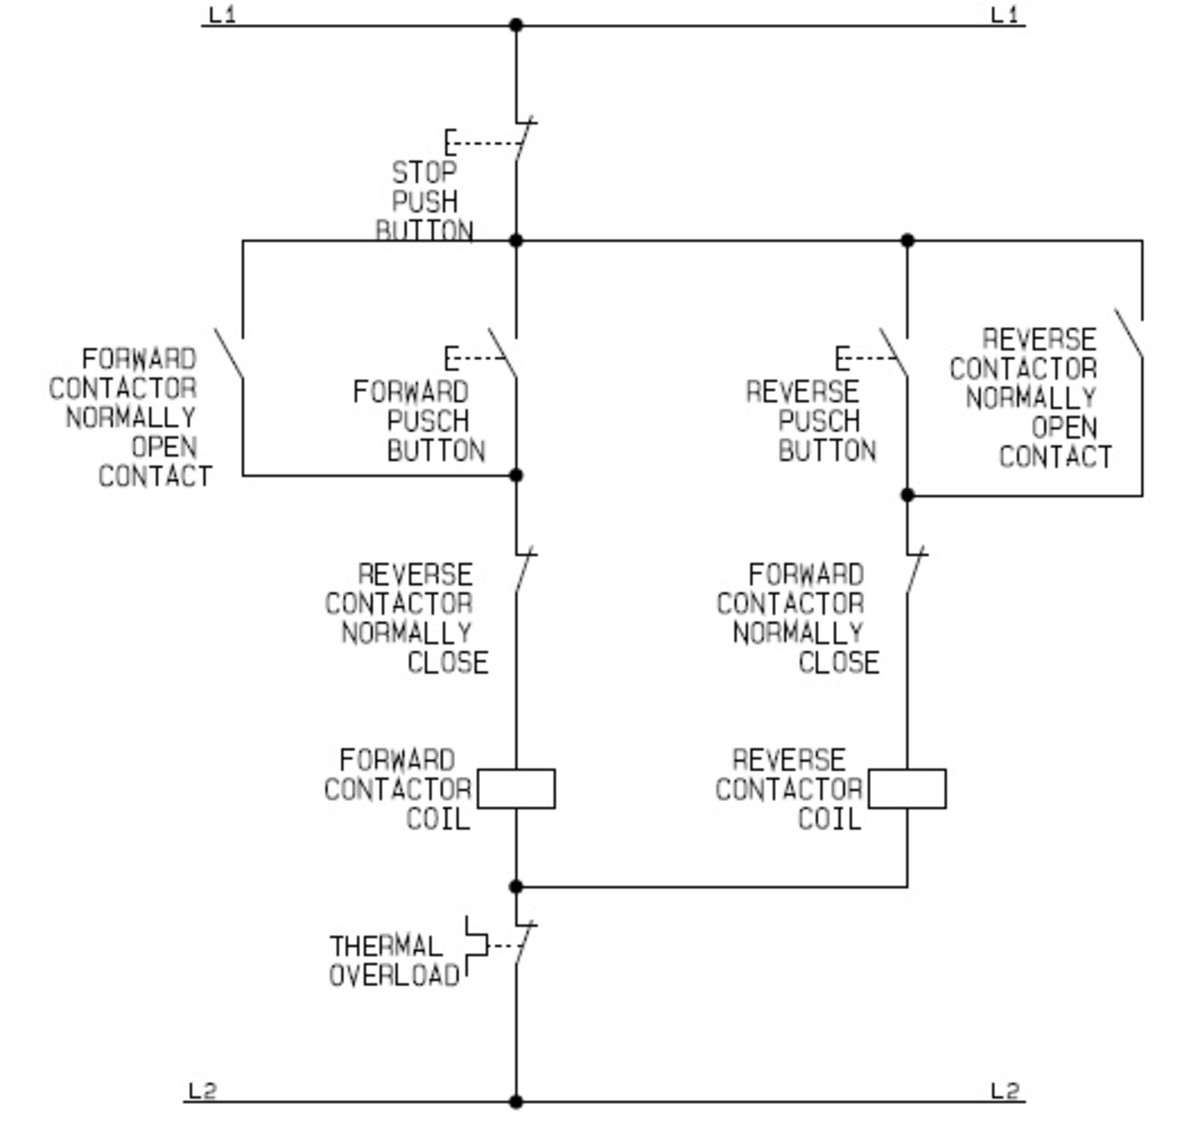 5008300_f520?resize=520%2C493&ssl=1 diagrams 462461 diagram motor control wiring basic motor wiring basic motor control wiring diagram at aneh.co